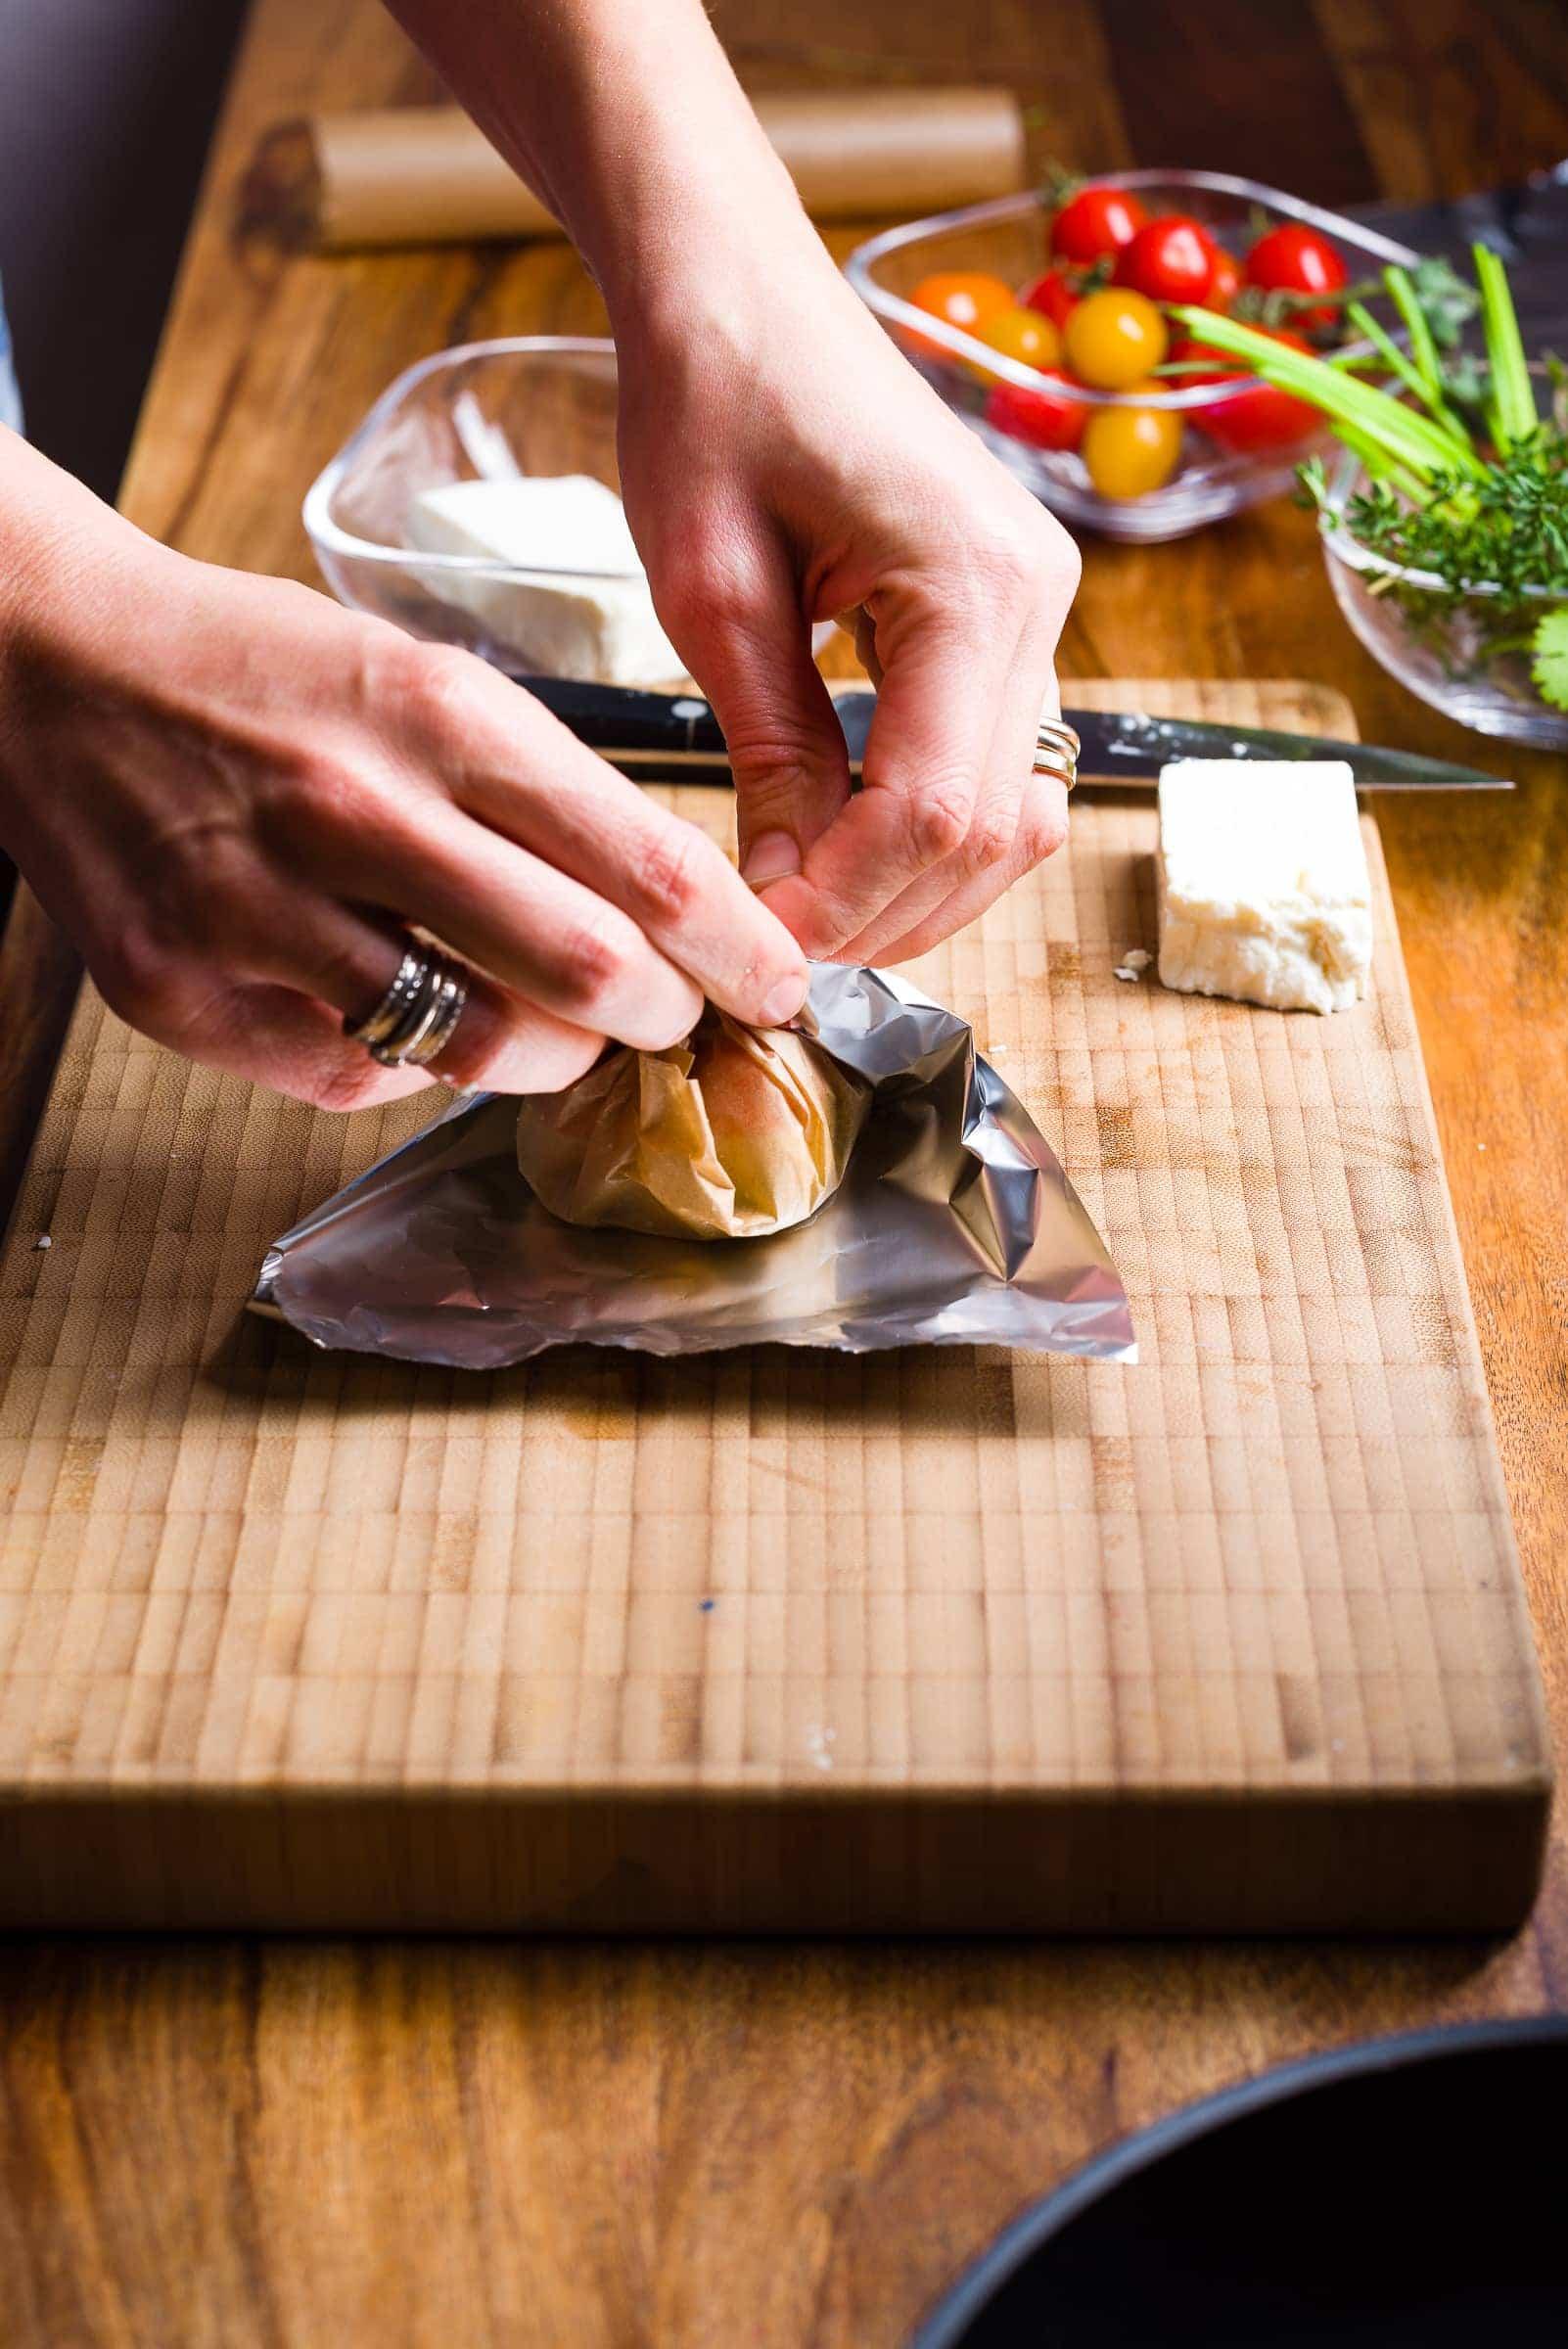 Cartocci di feta aromatizzata_ricetta_gnamam.com_prep5